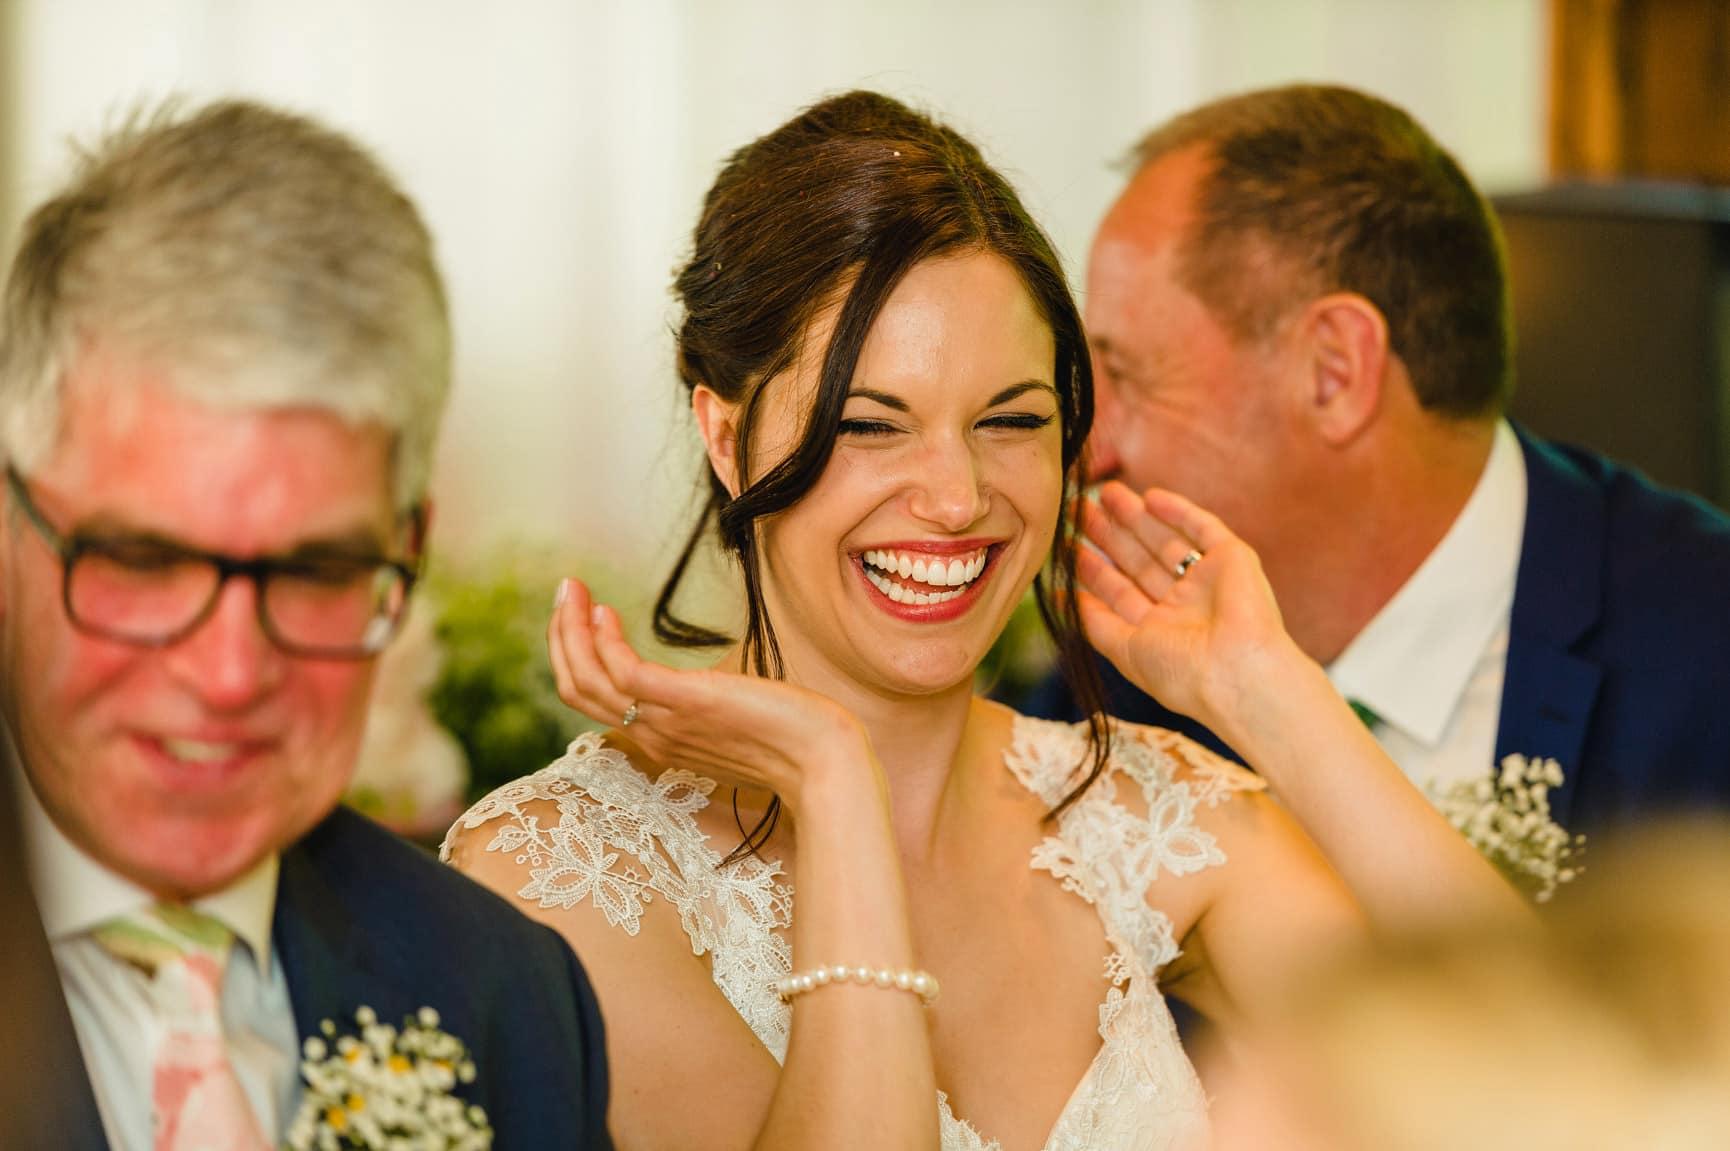 Fforest Wedding, Cardigan, Wales - Lauren and Gareth 117